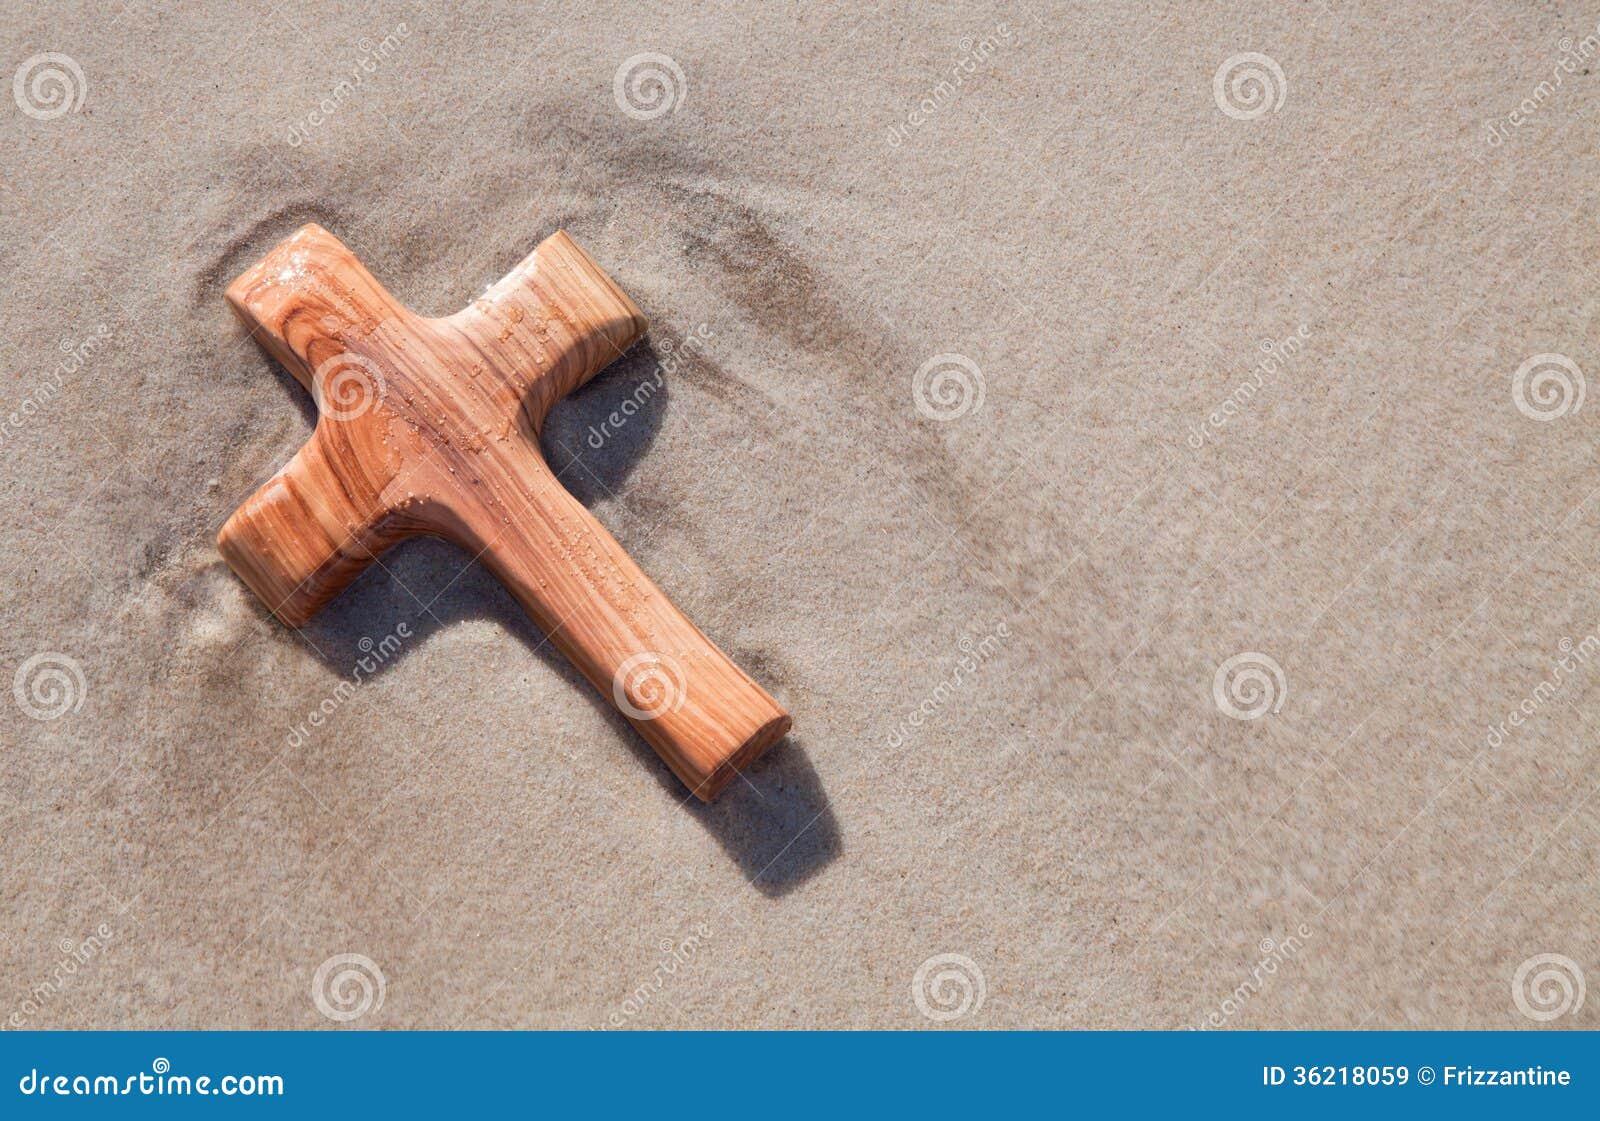 Houten kruis in zand - kaart voor het rouwen